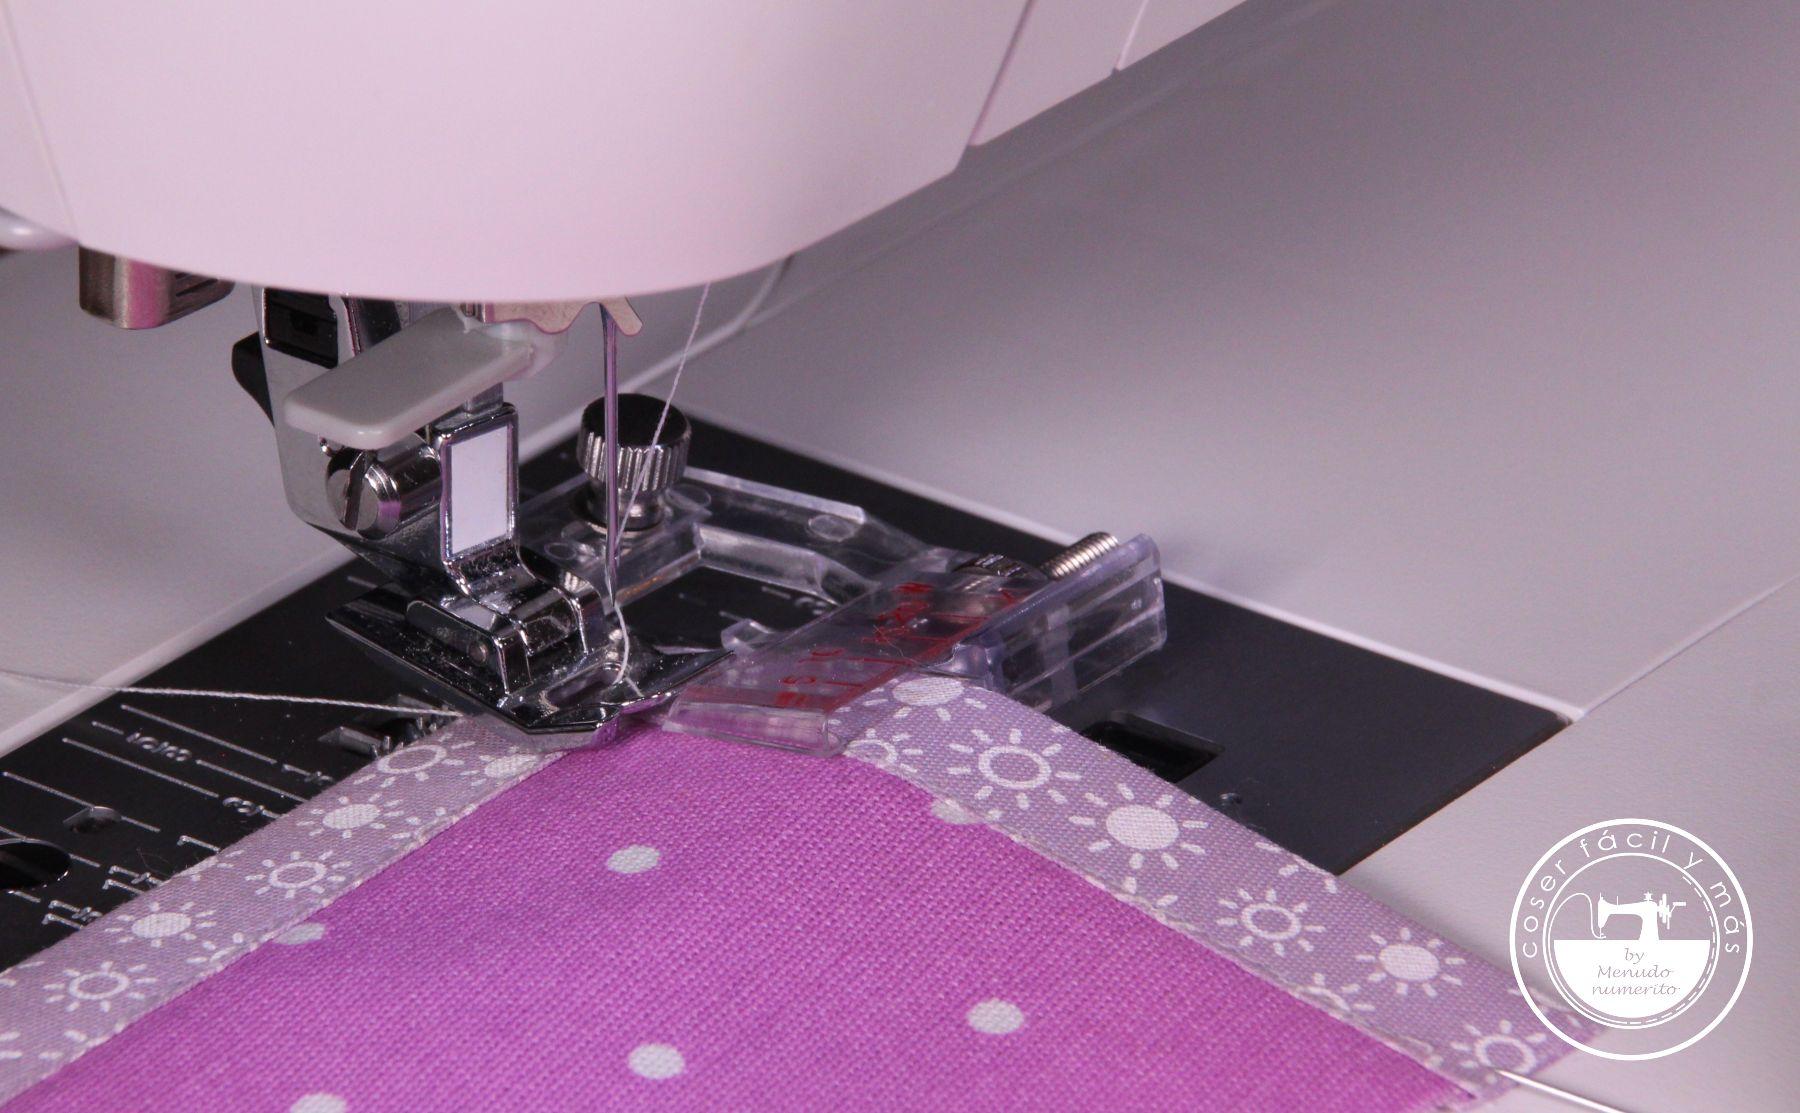 prensatelas para bies en esquinas coser facil blgos de costura